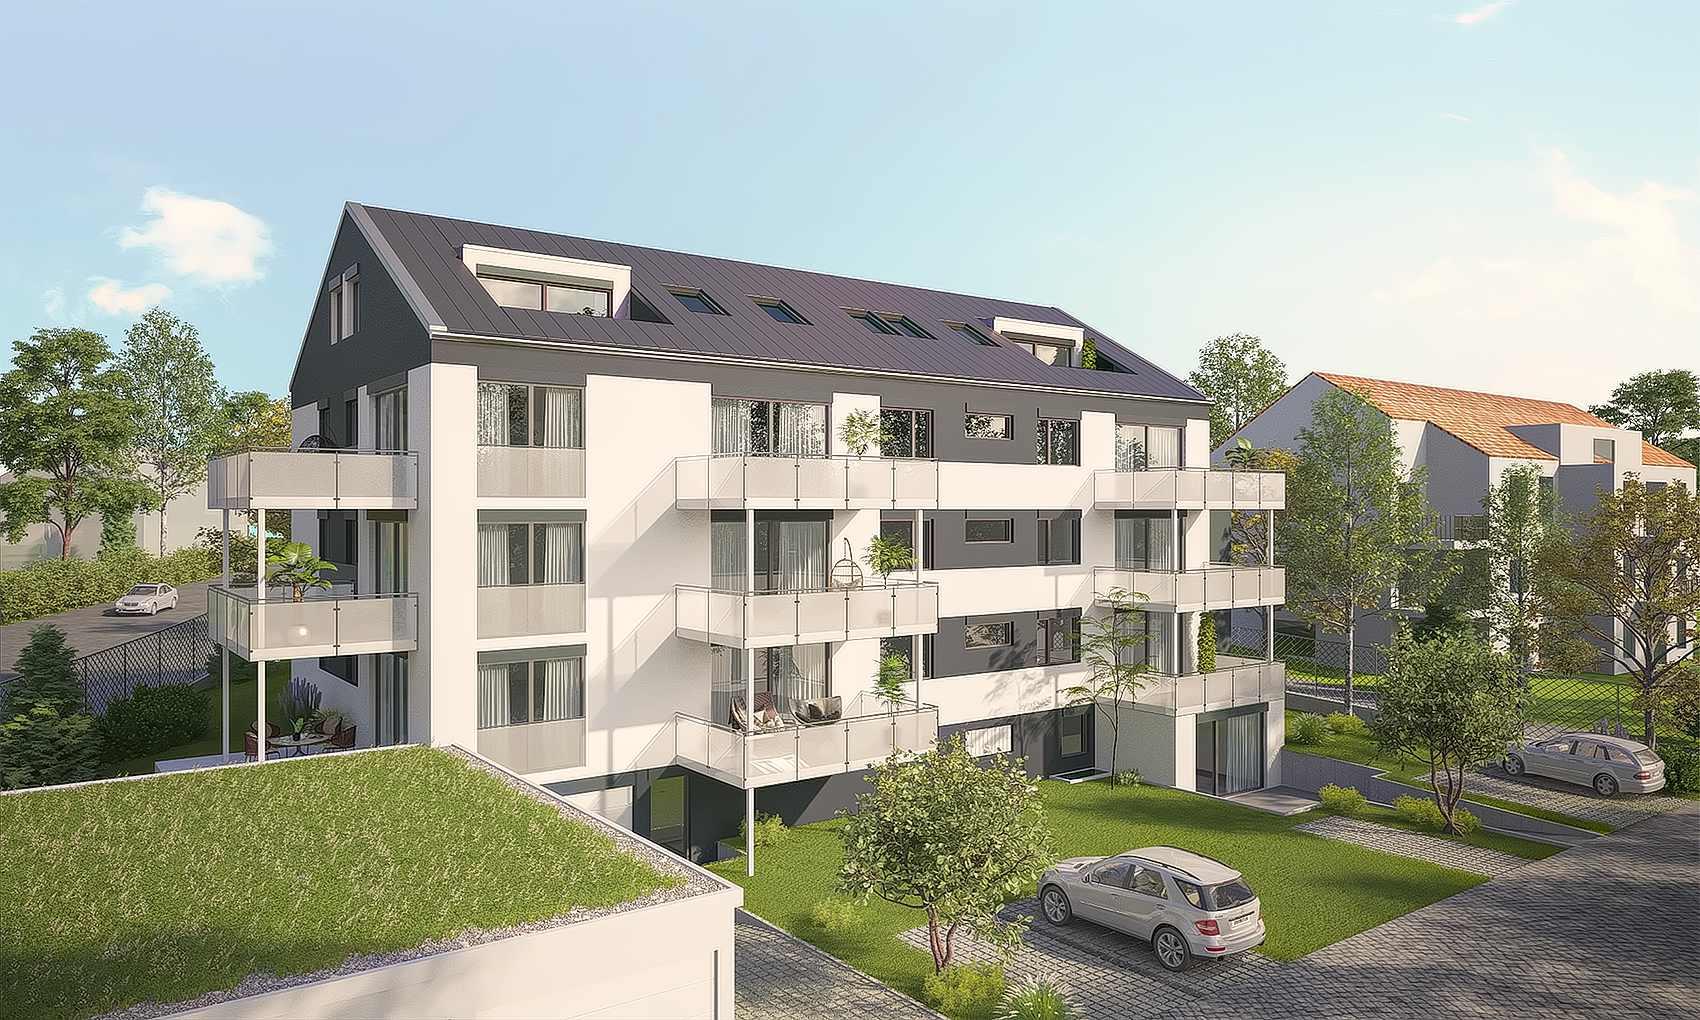 Architekturvisualisierungen eines MFH in Böblingen